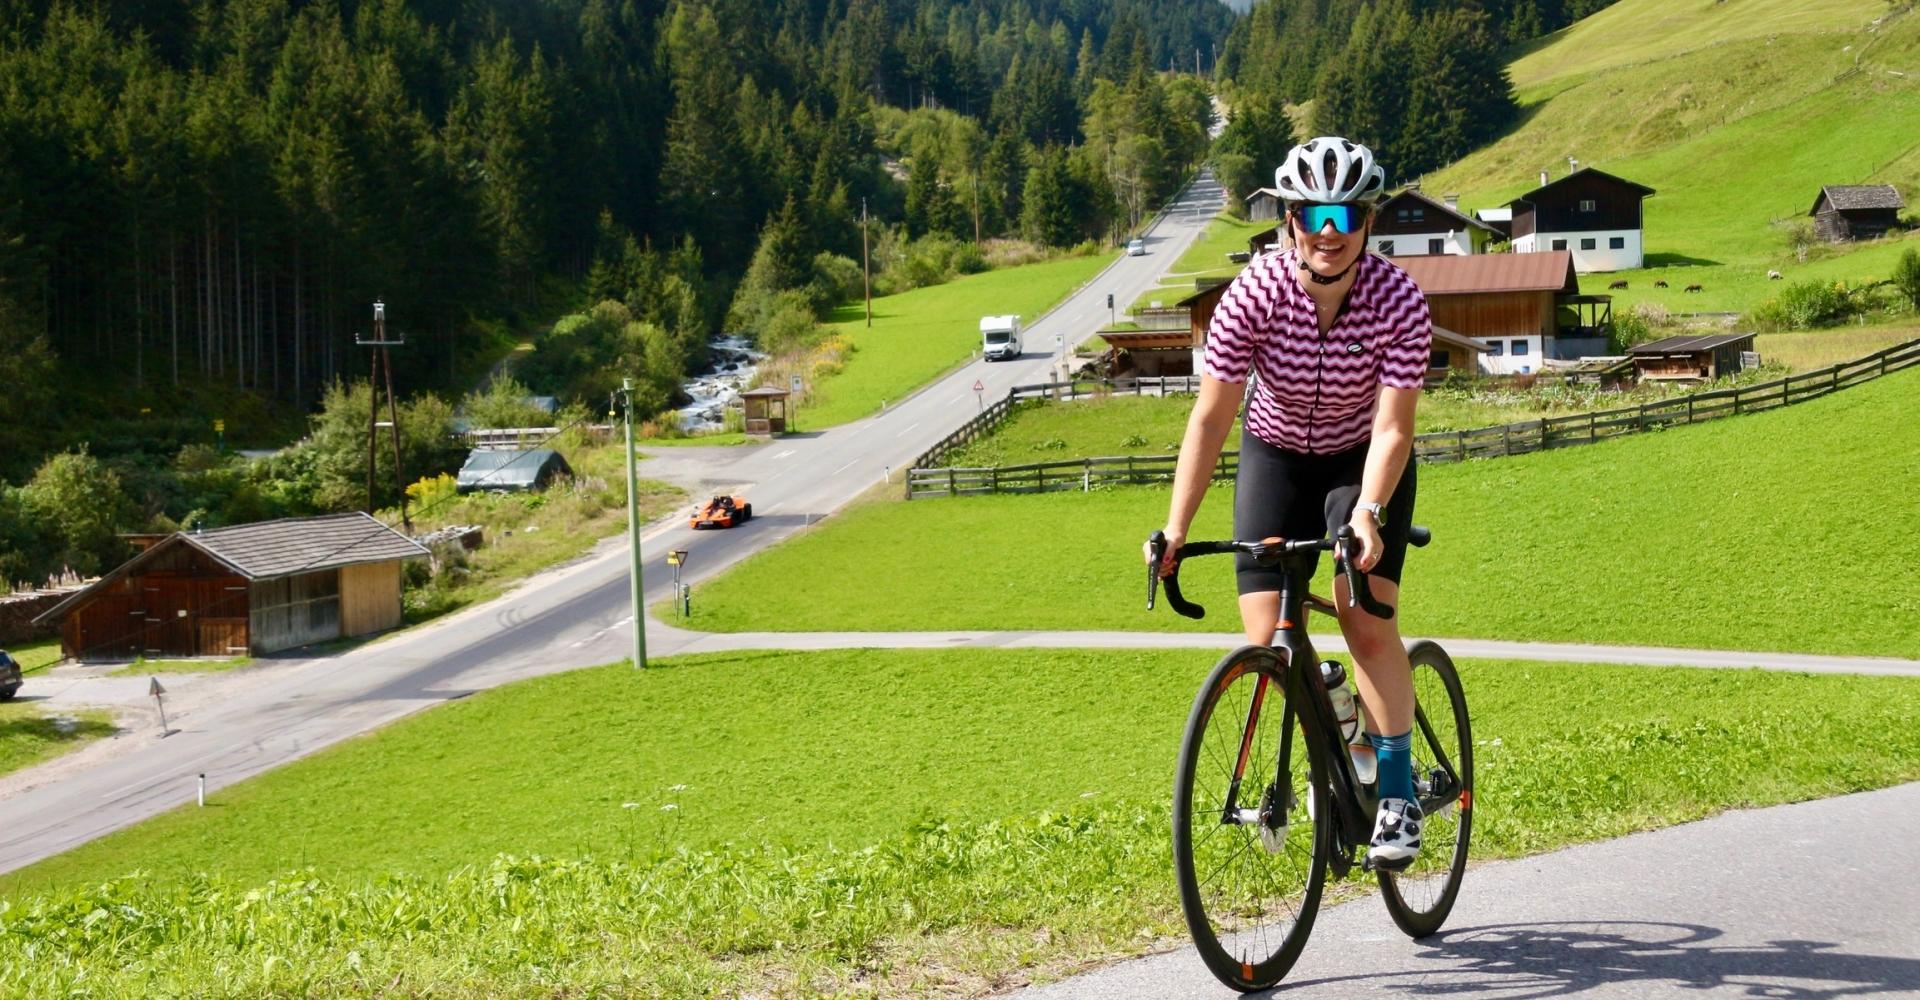 KTM Bike & Cars